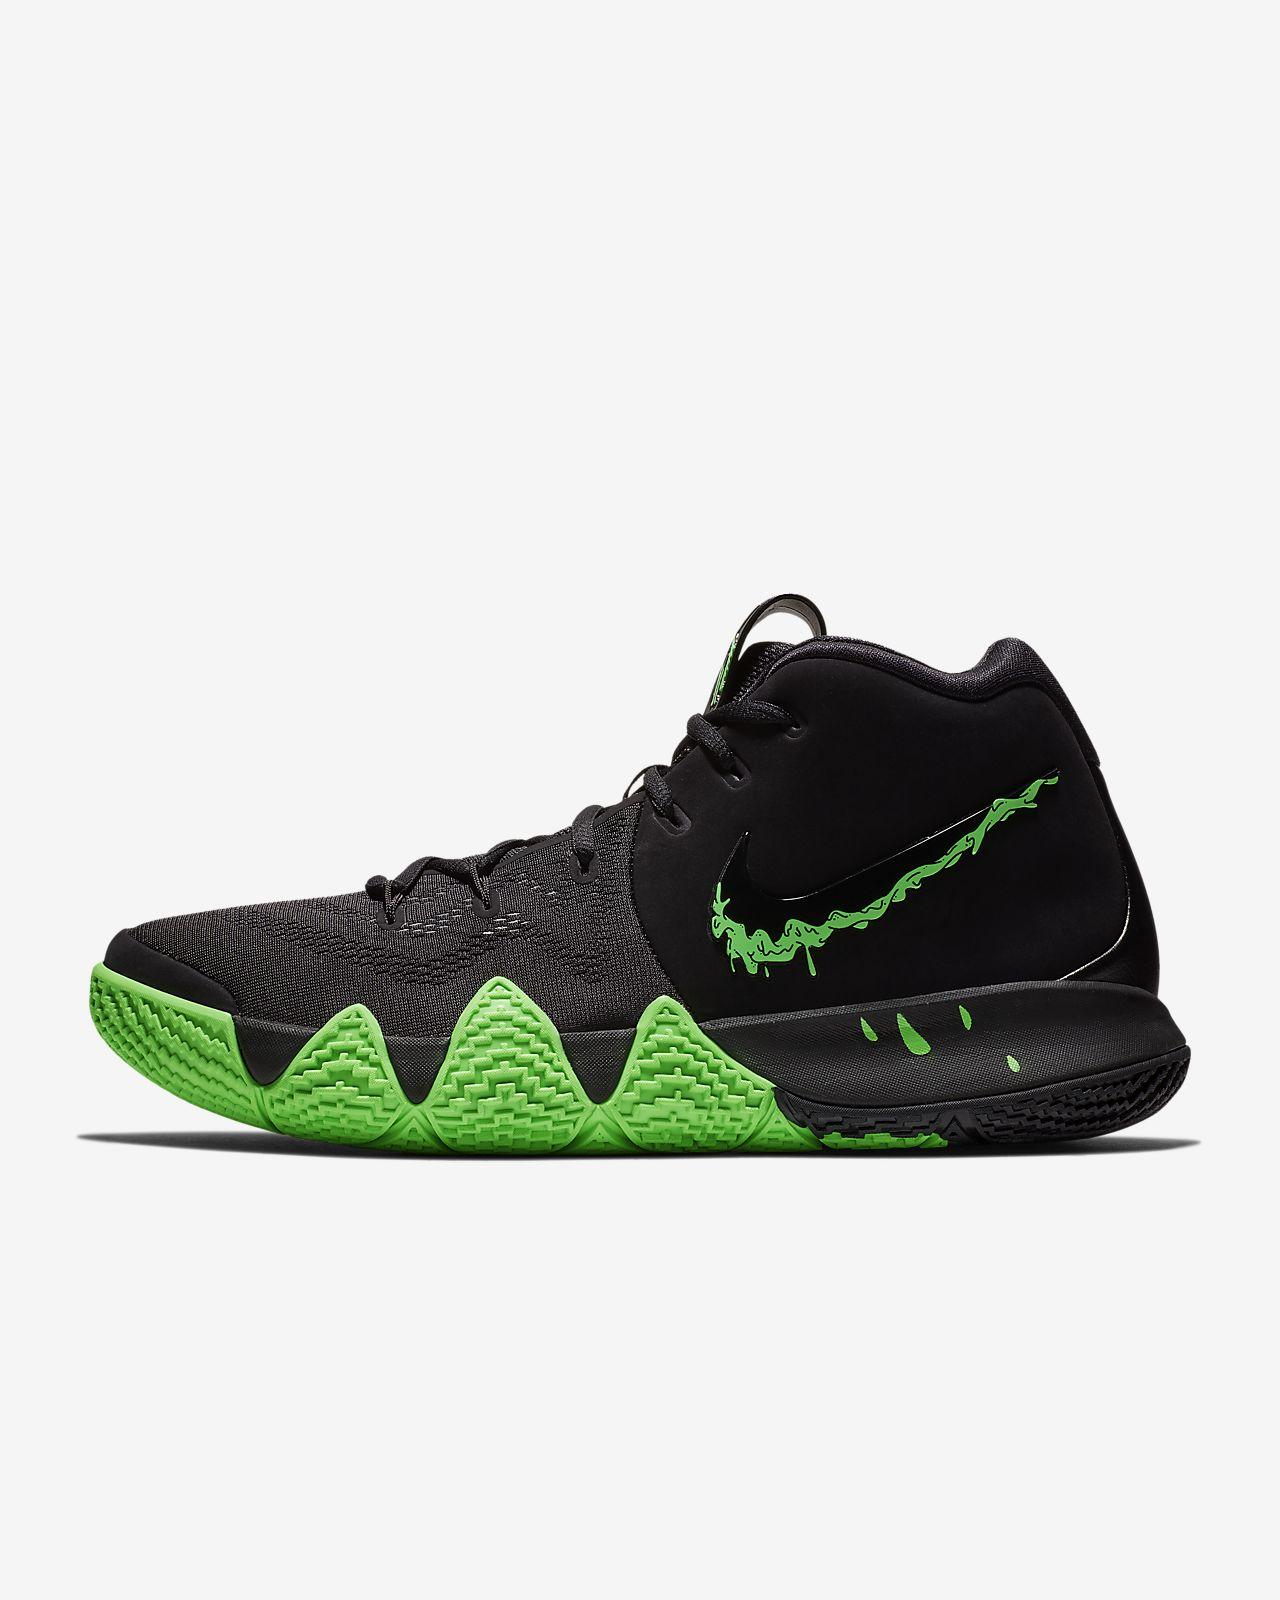 0d38cebb2c08 Chaussure de basketball Kyrie 4. Nike.com BE